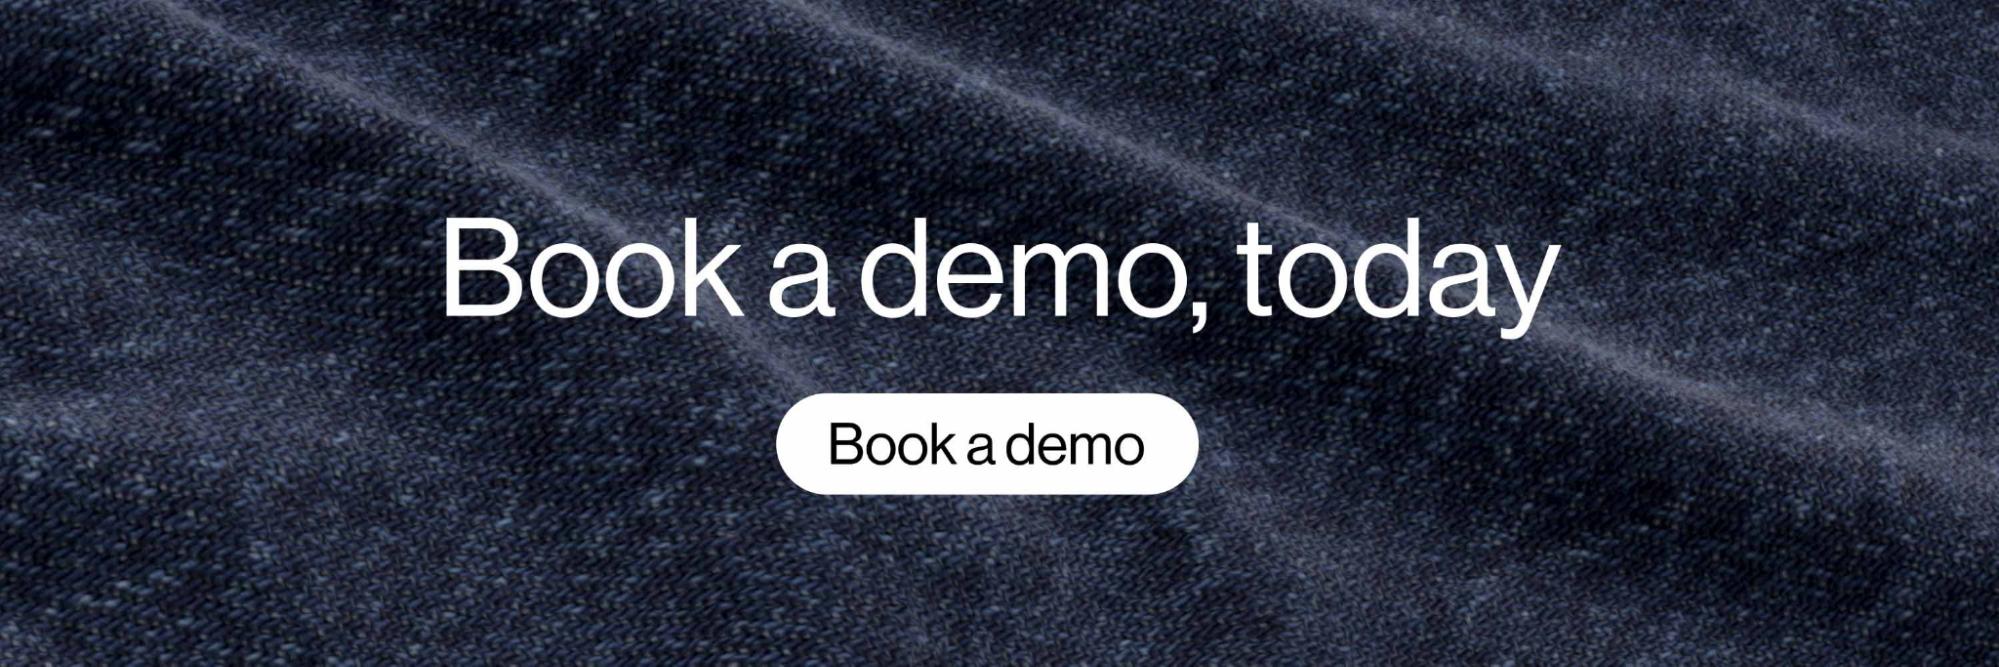 book a demo cta banner